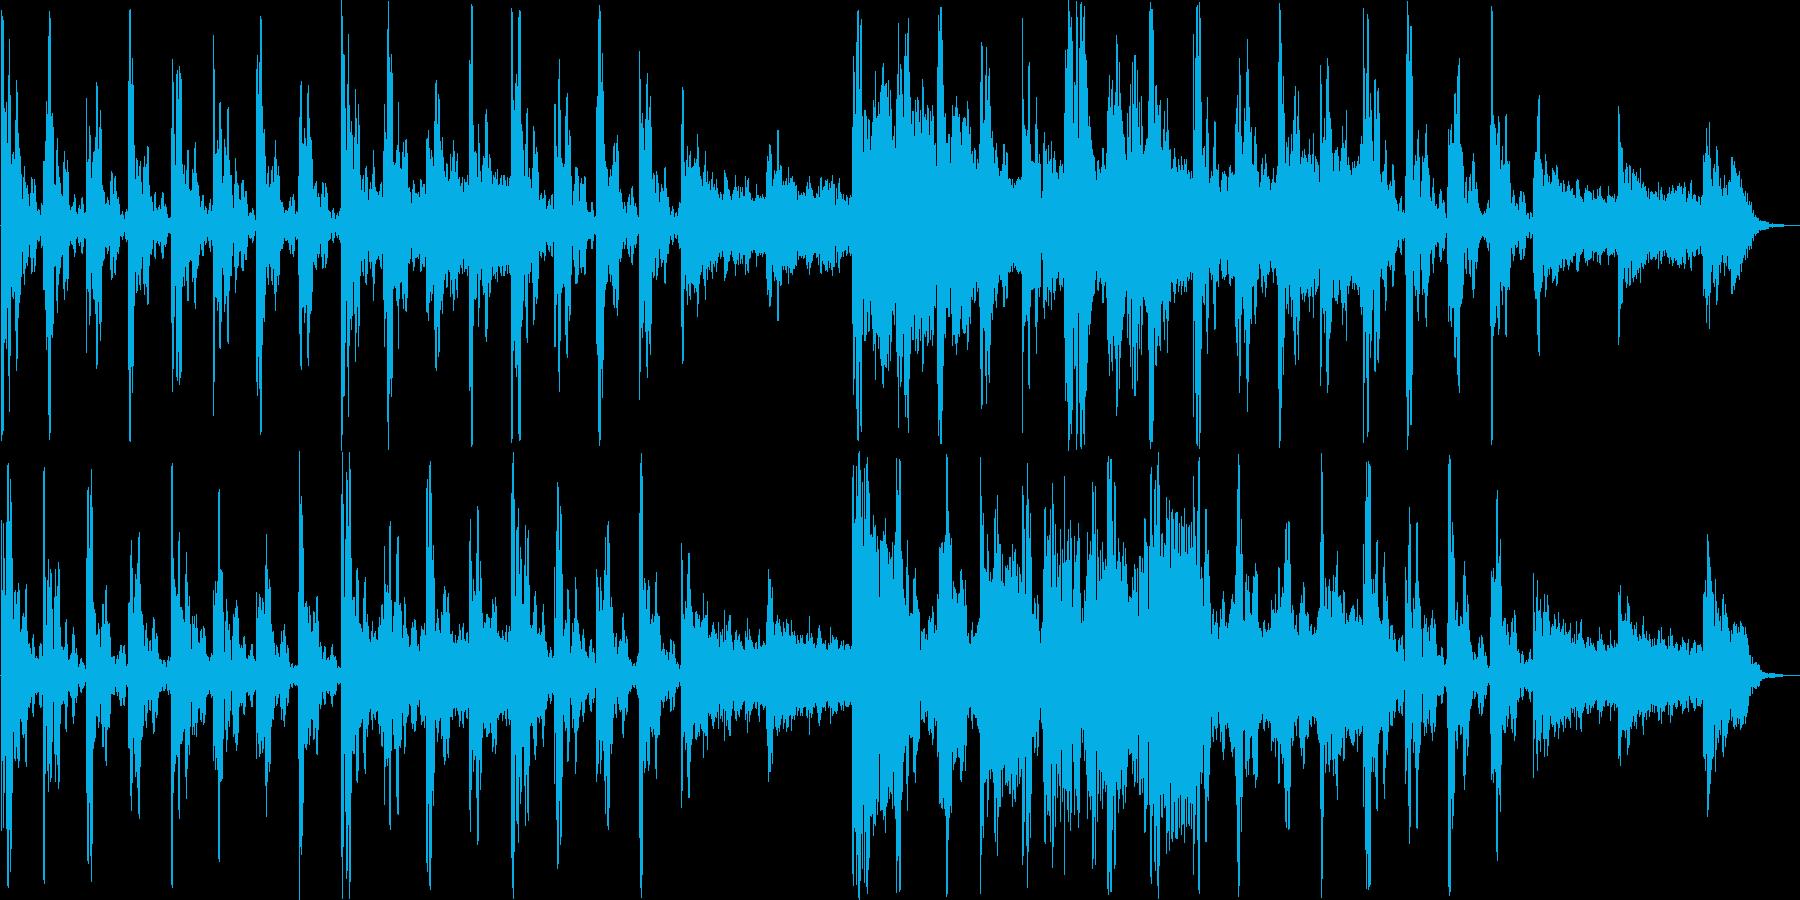 美しいリラクゼーションミュージックの再生済みの波形